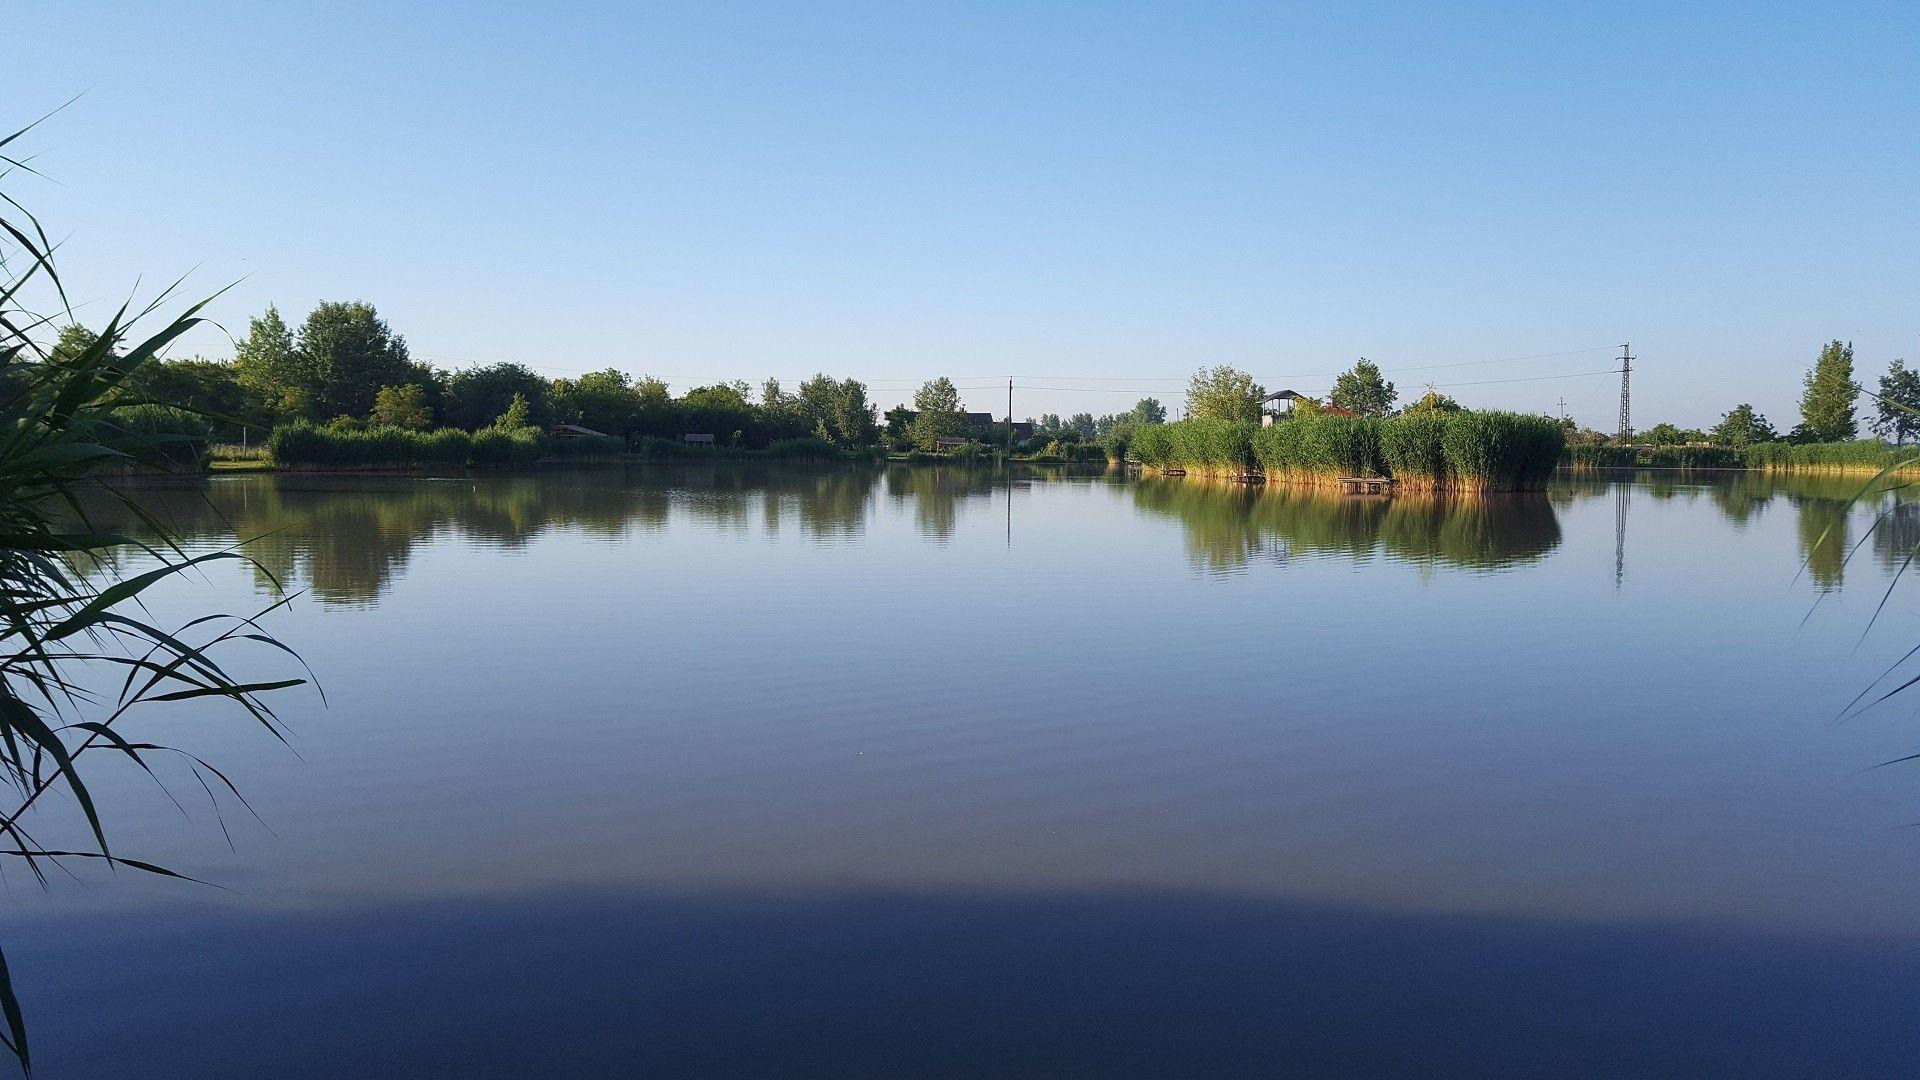 Derült ég, tükörsima víz, egy könnyed horgászathoz tökéletes körülmények!